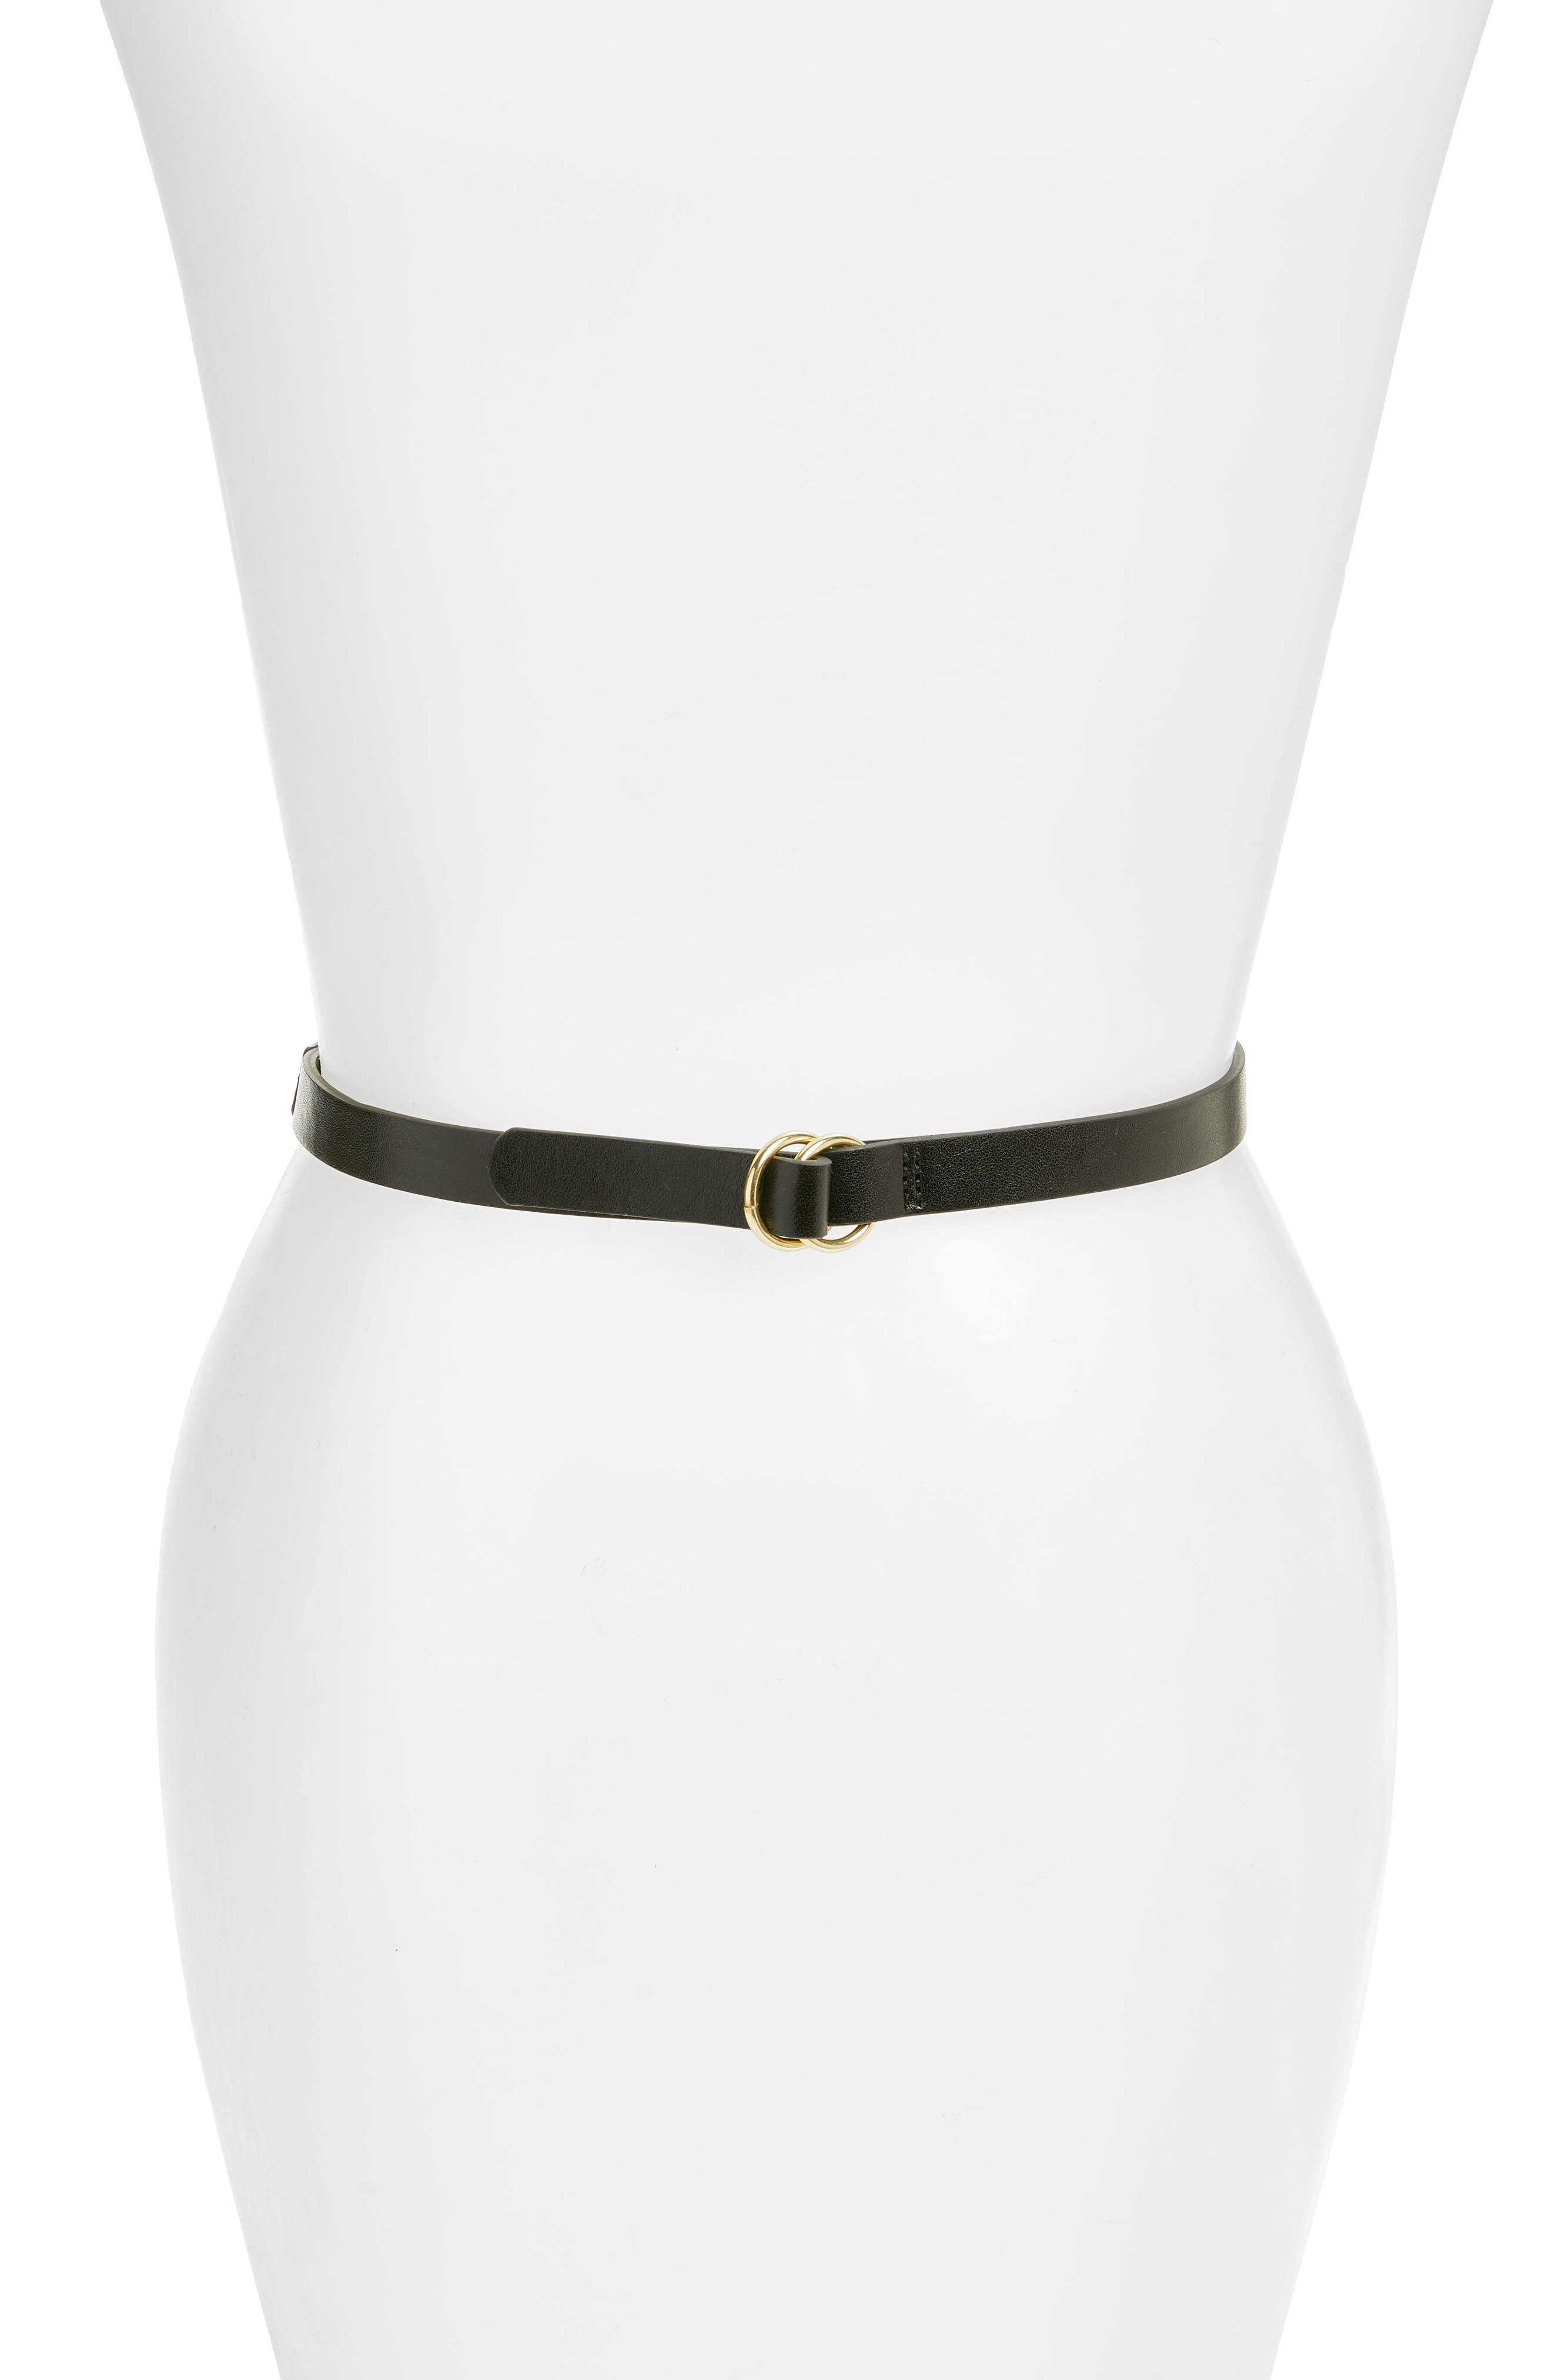 LODIS Faux Leather Belt Bag,                             Alternate thumbnail 2, color,                             Black